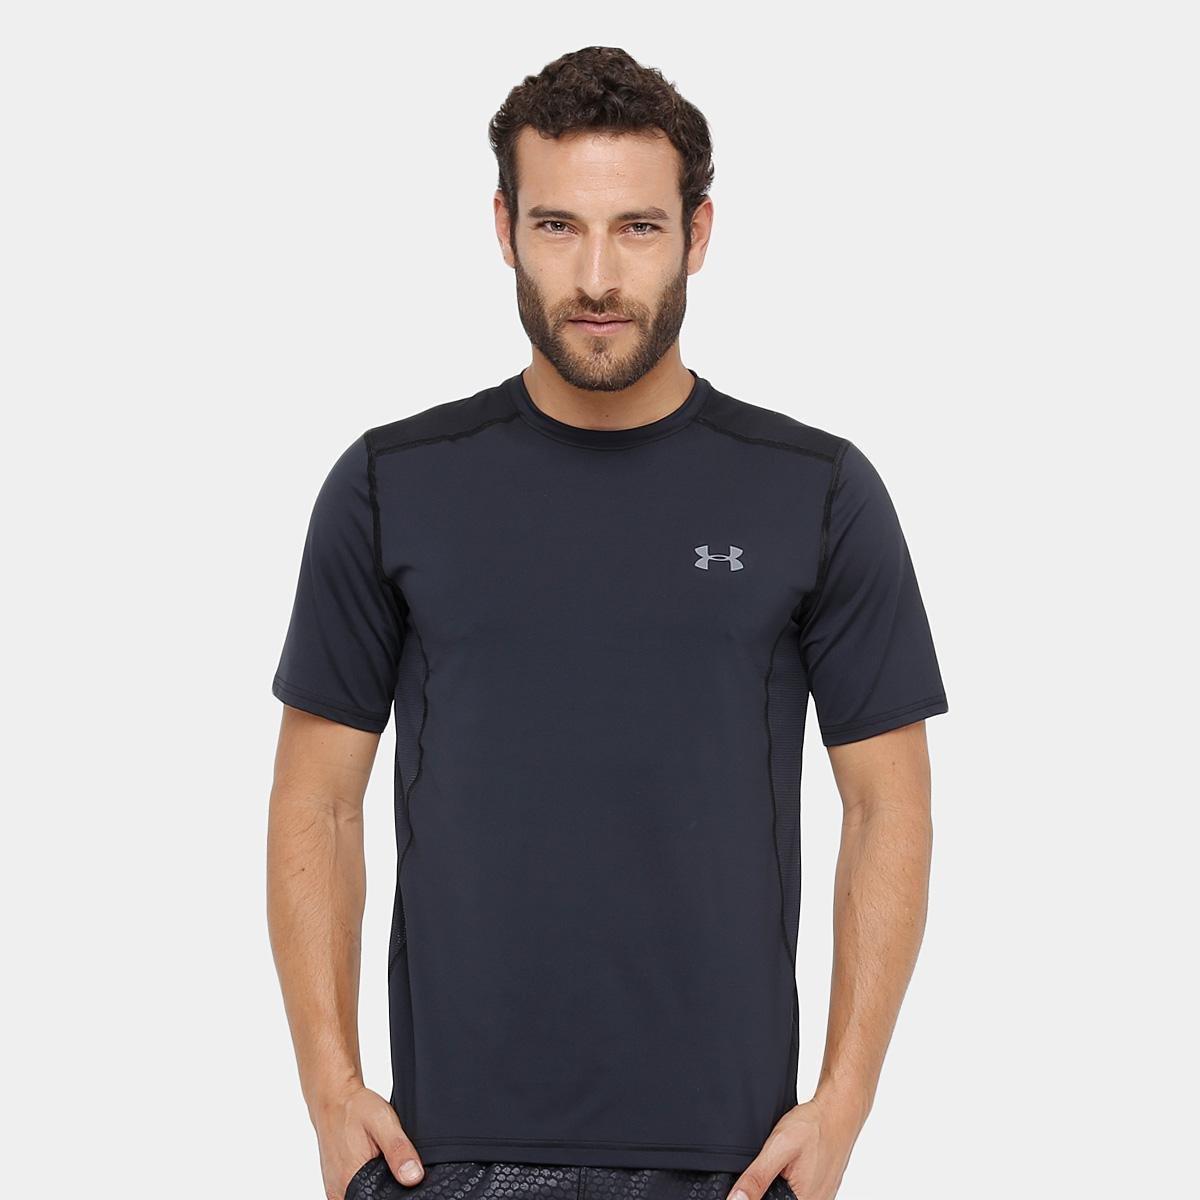 71617f089e9 Camiseta Under Armour Raid SS Brazil Smu Masculino - Compre Agora ...